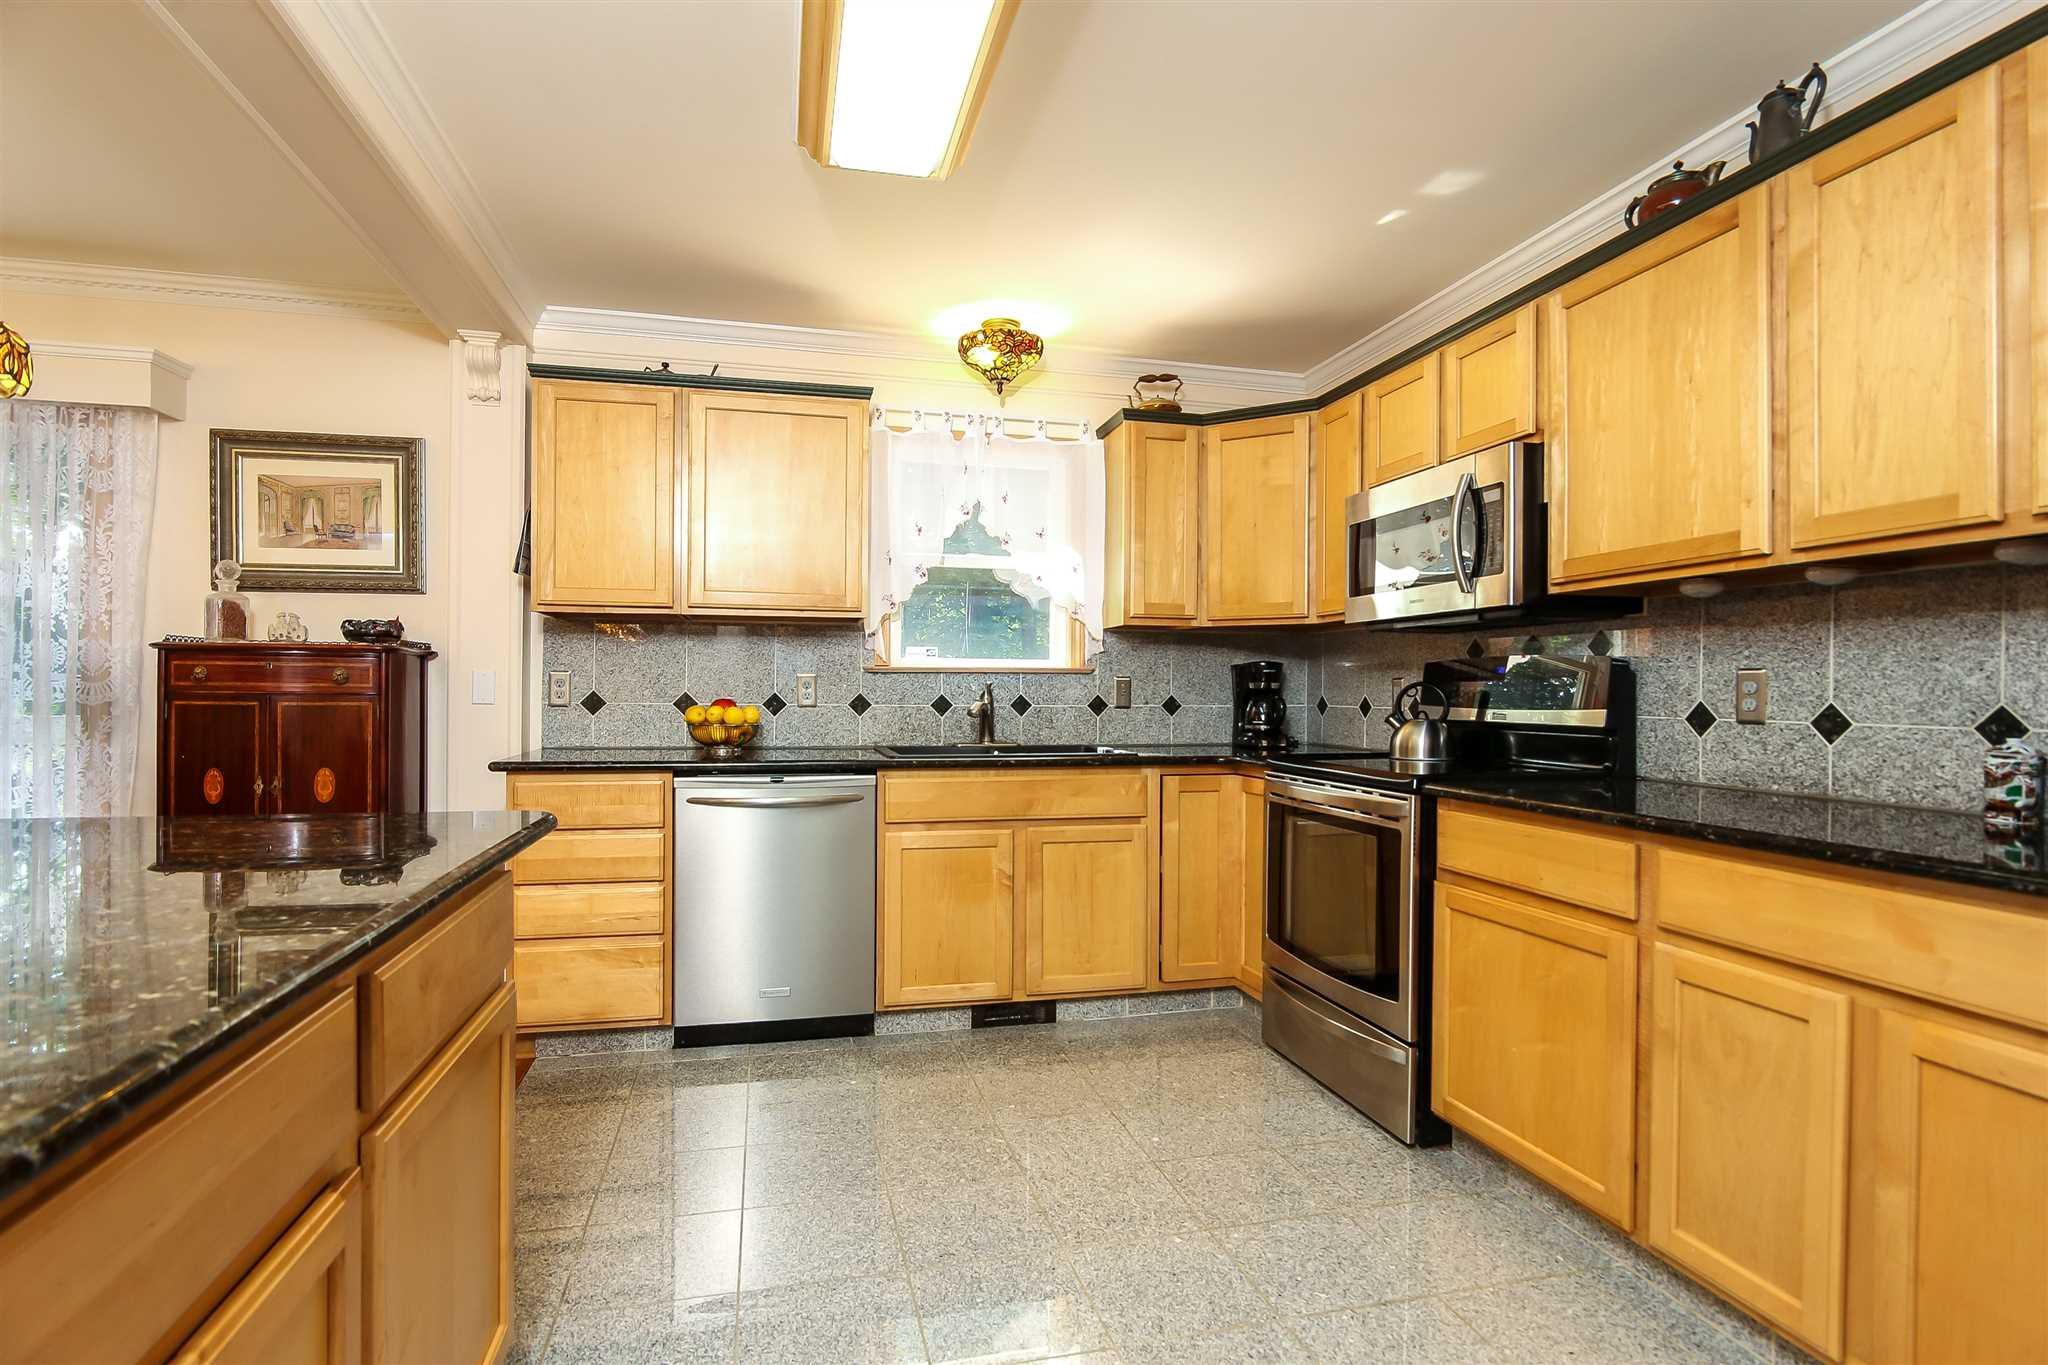 91 SHEROW, Pleasant Valley, NY 12569